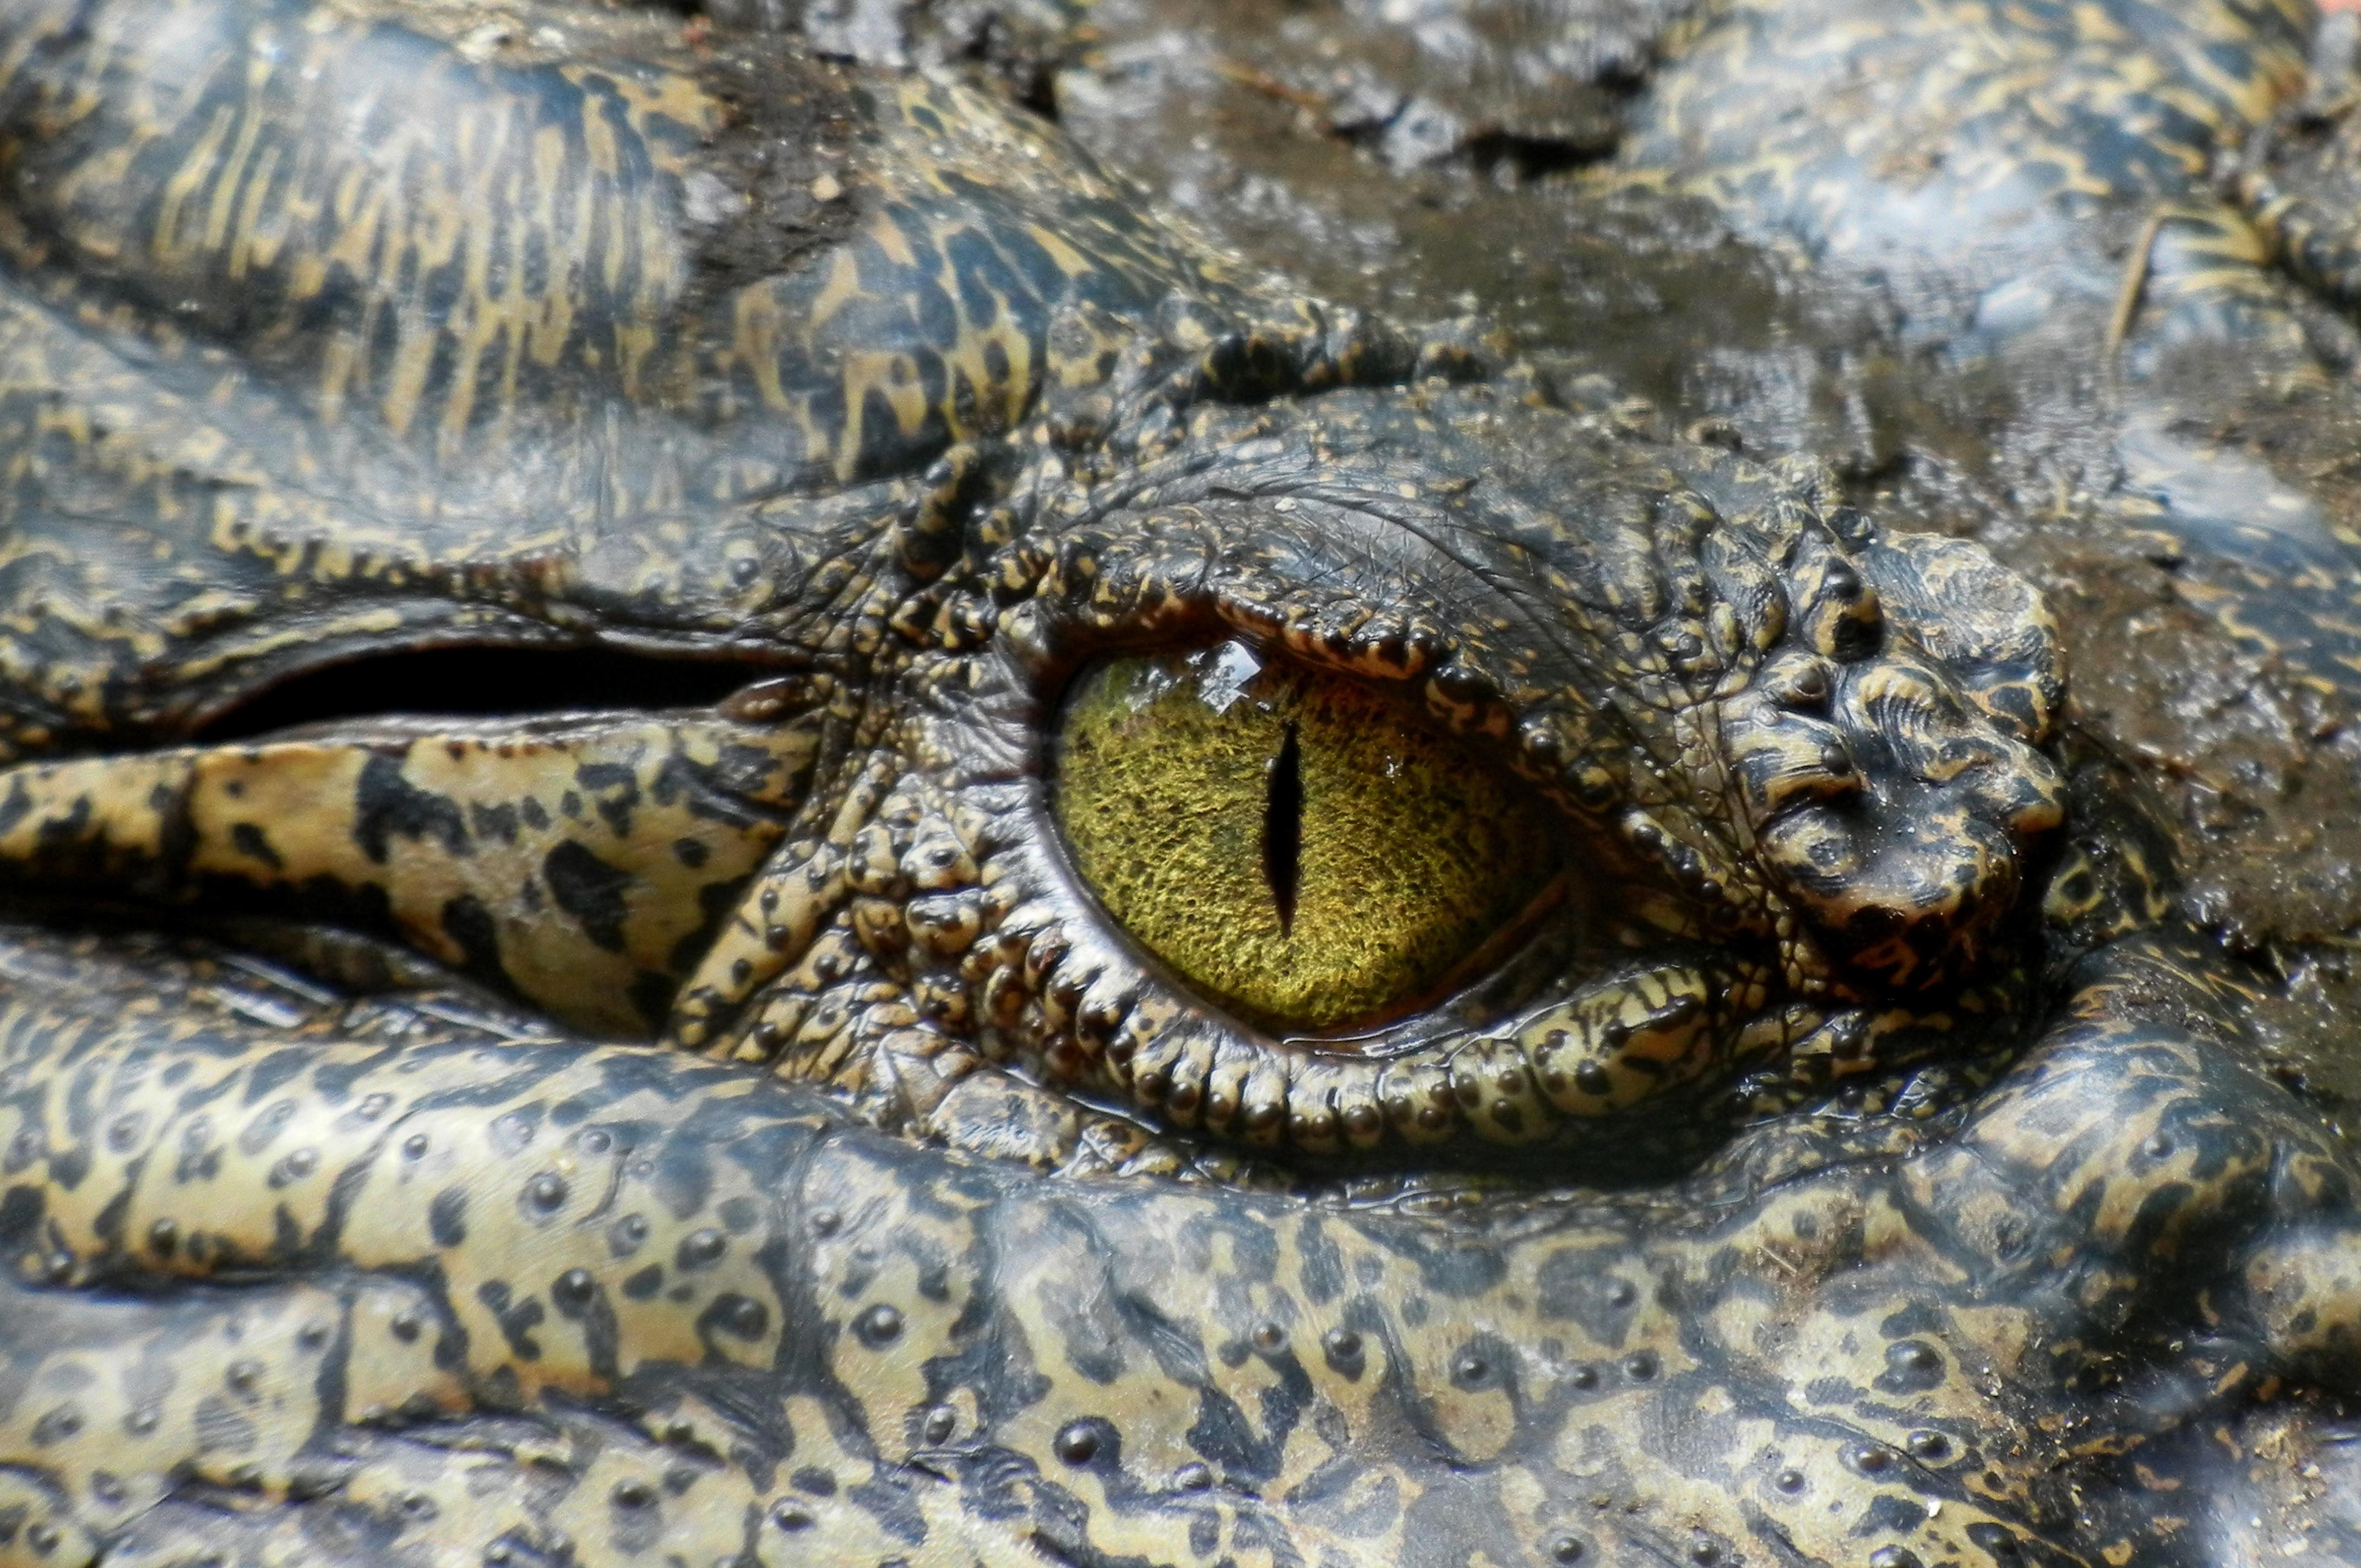 croc_eye.jpg